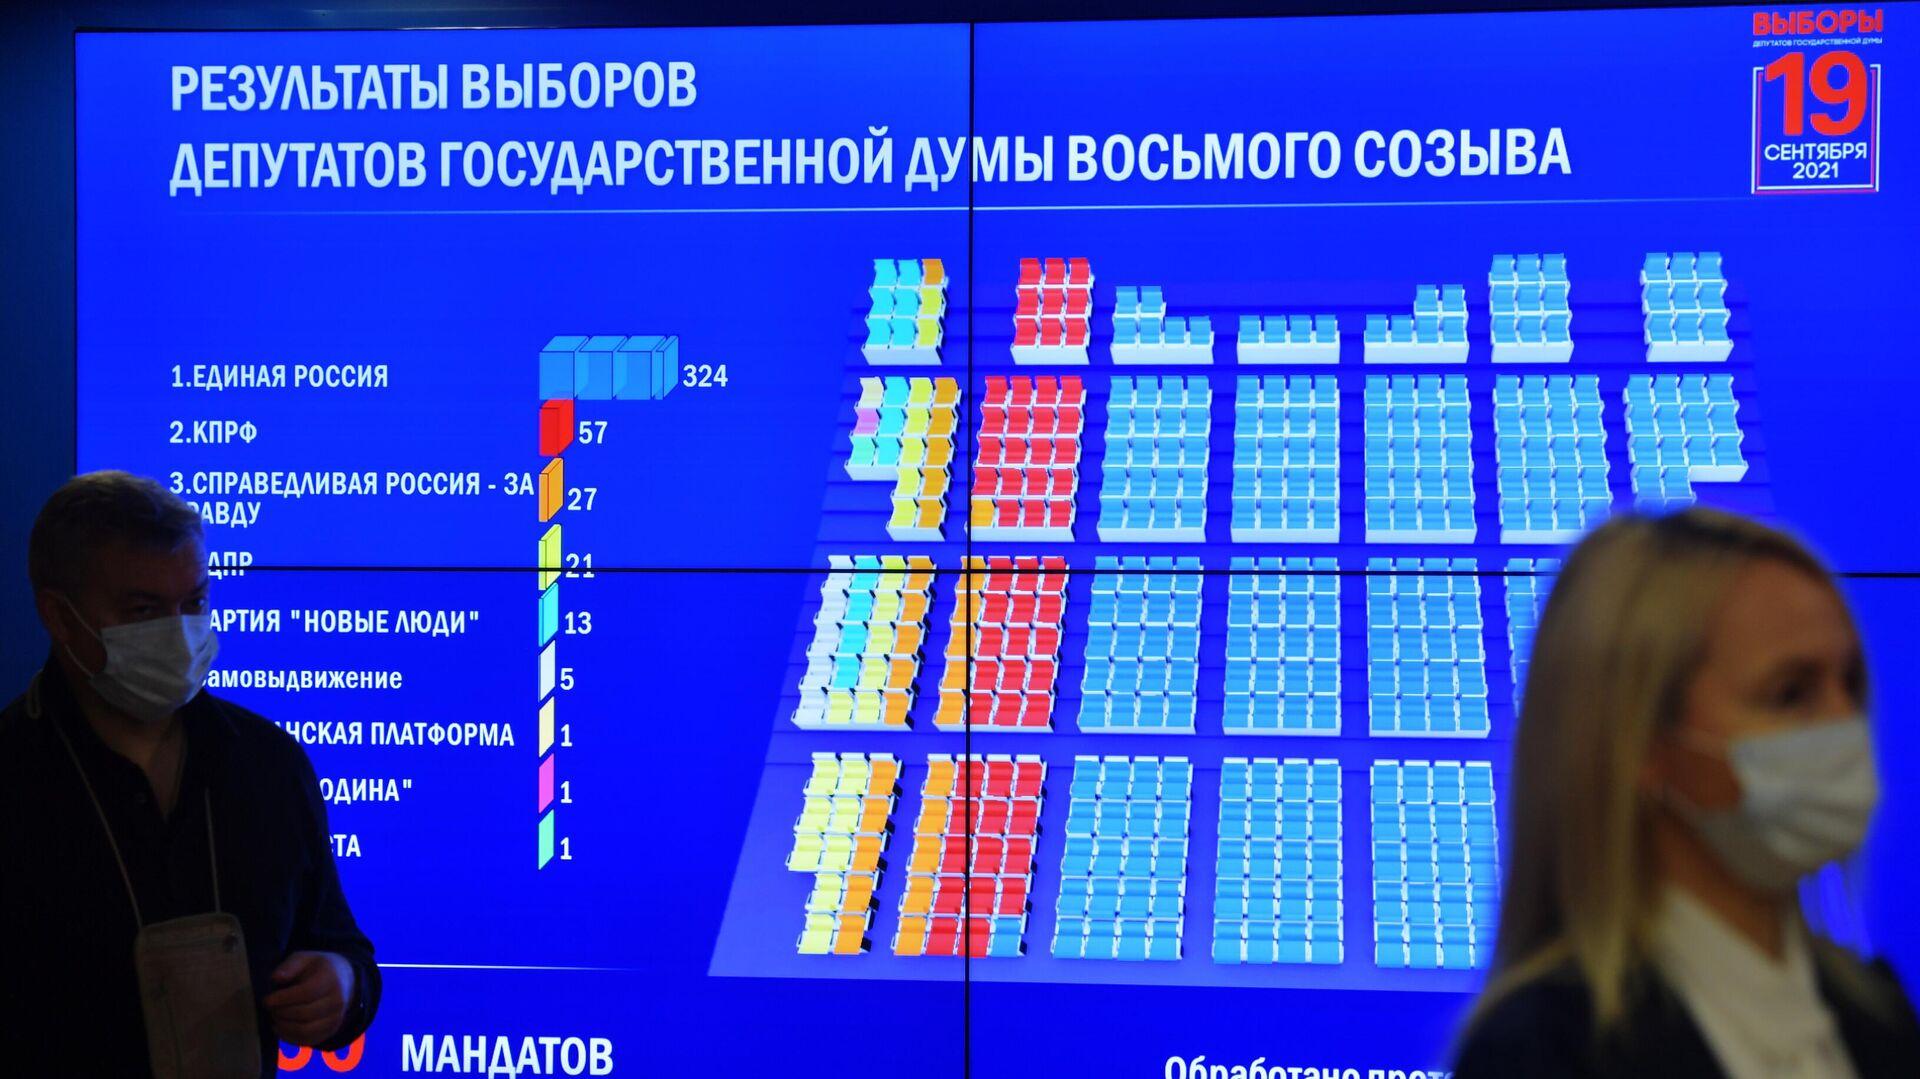 Монитор са резултатима избора за Државну думу Русије у Централној изборној комисији - Sputnik Србија, 1920, 28.09.2021